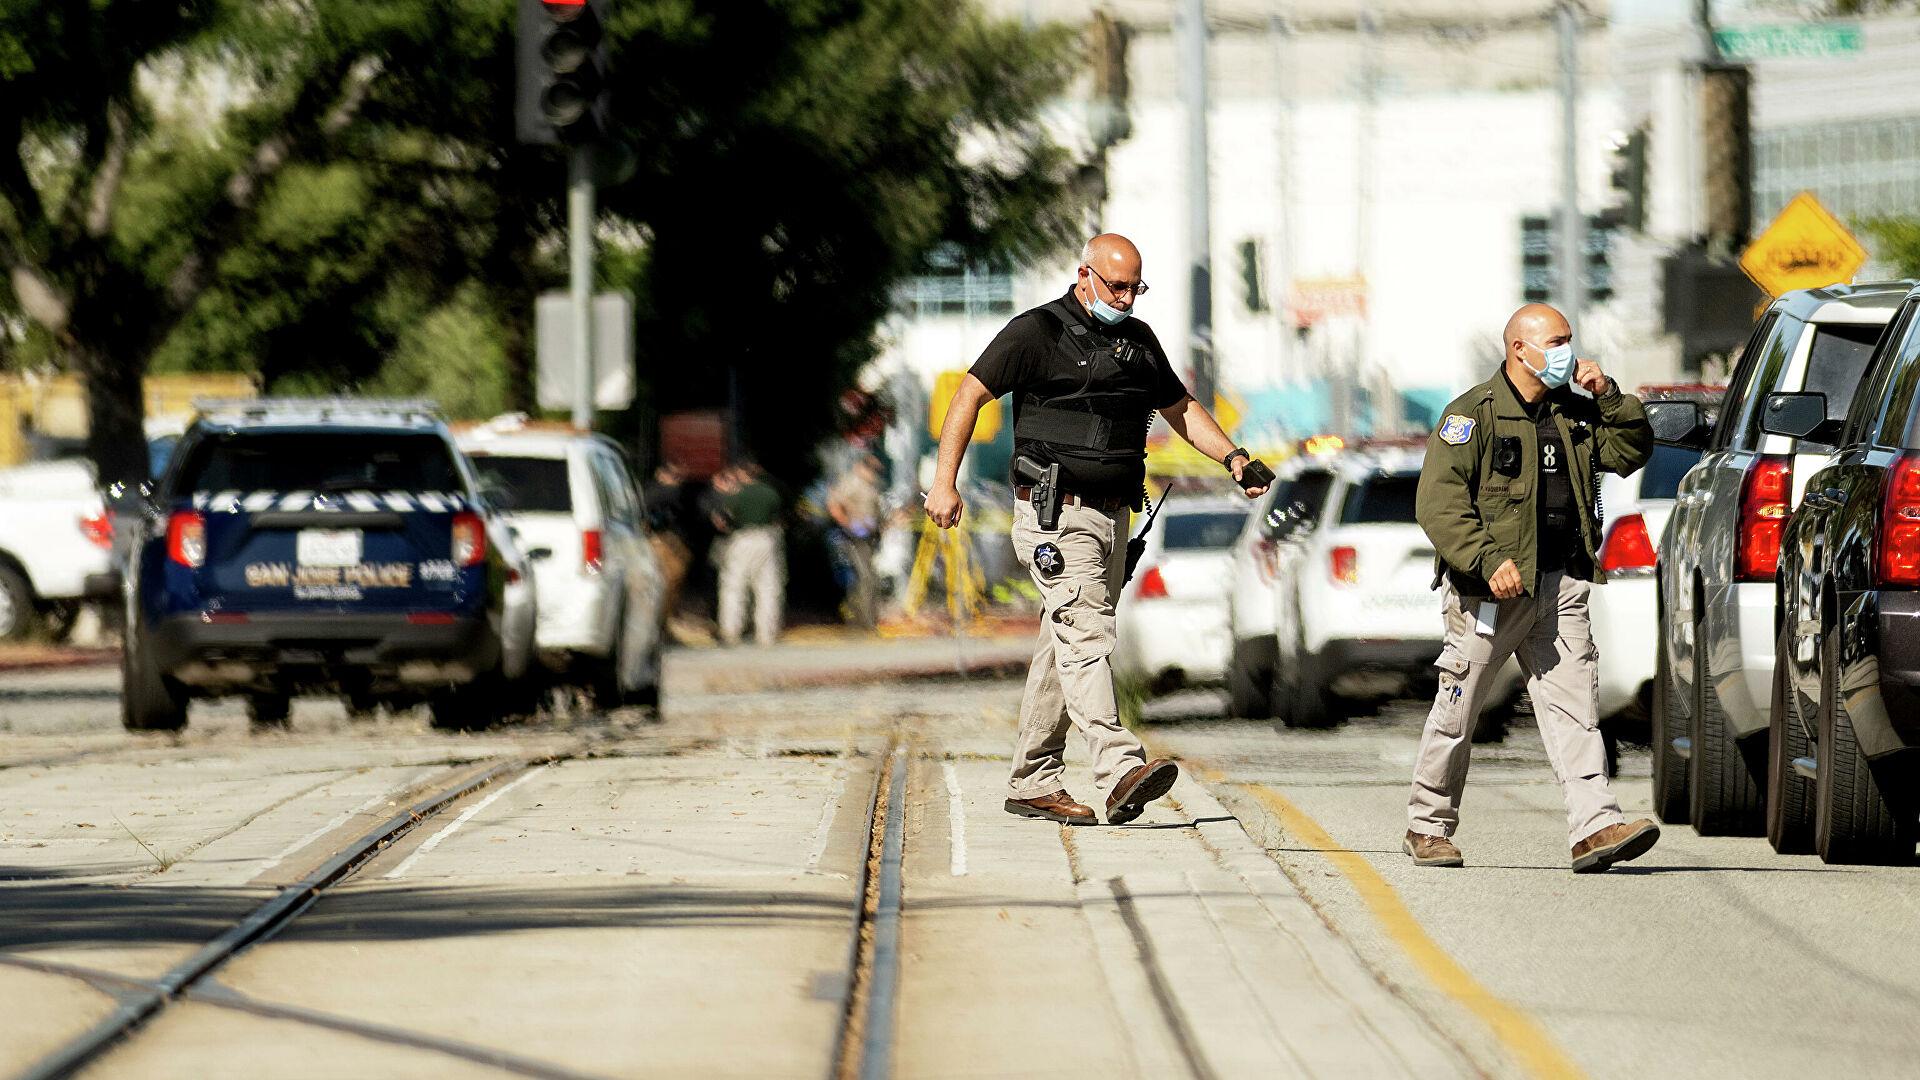 СМИ сообщили о гибели восьми человек при стрельбе в Калифорнии